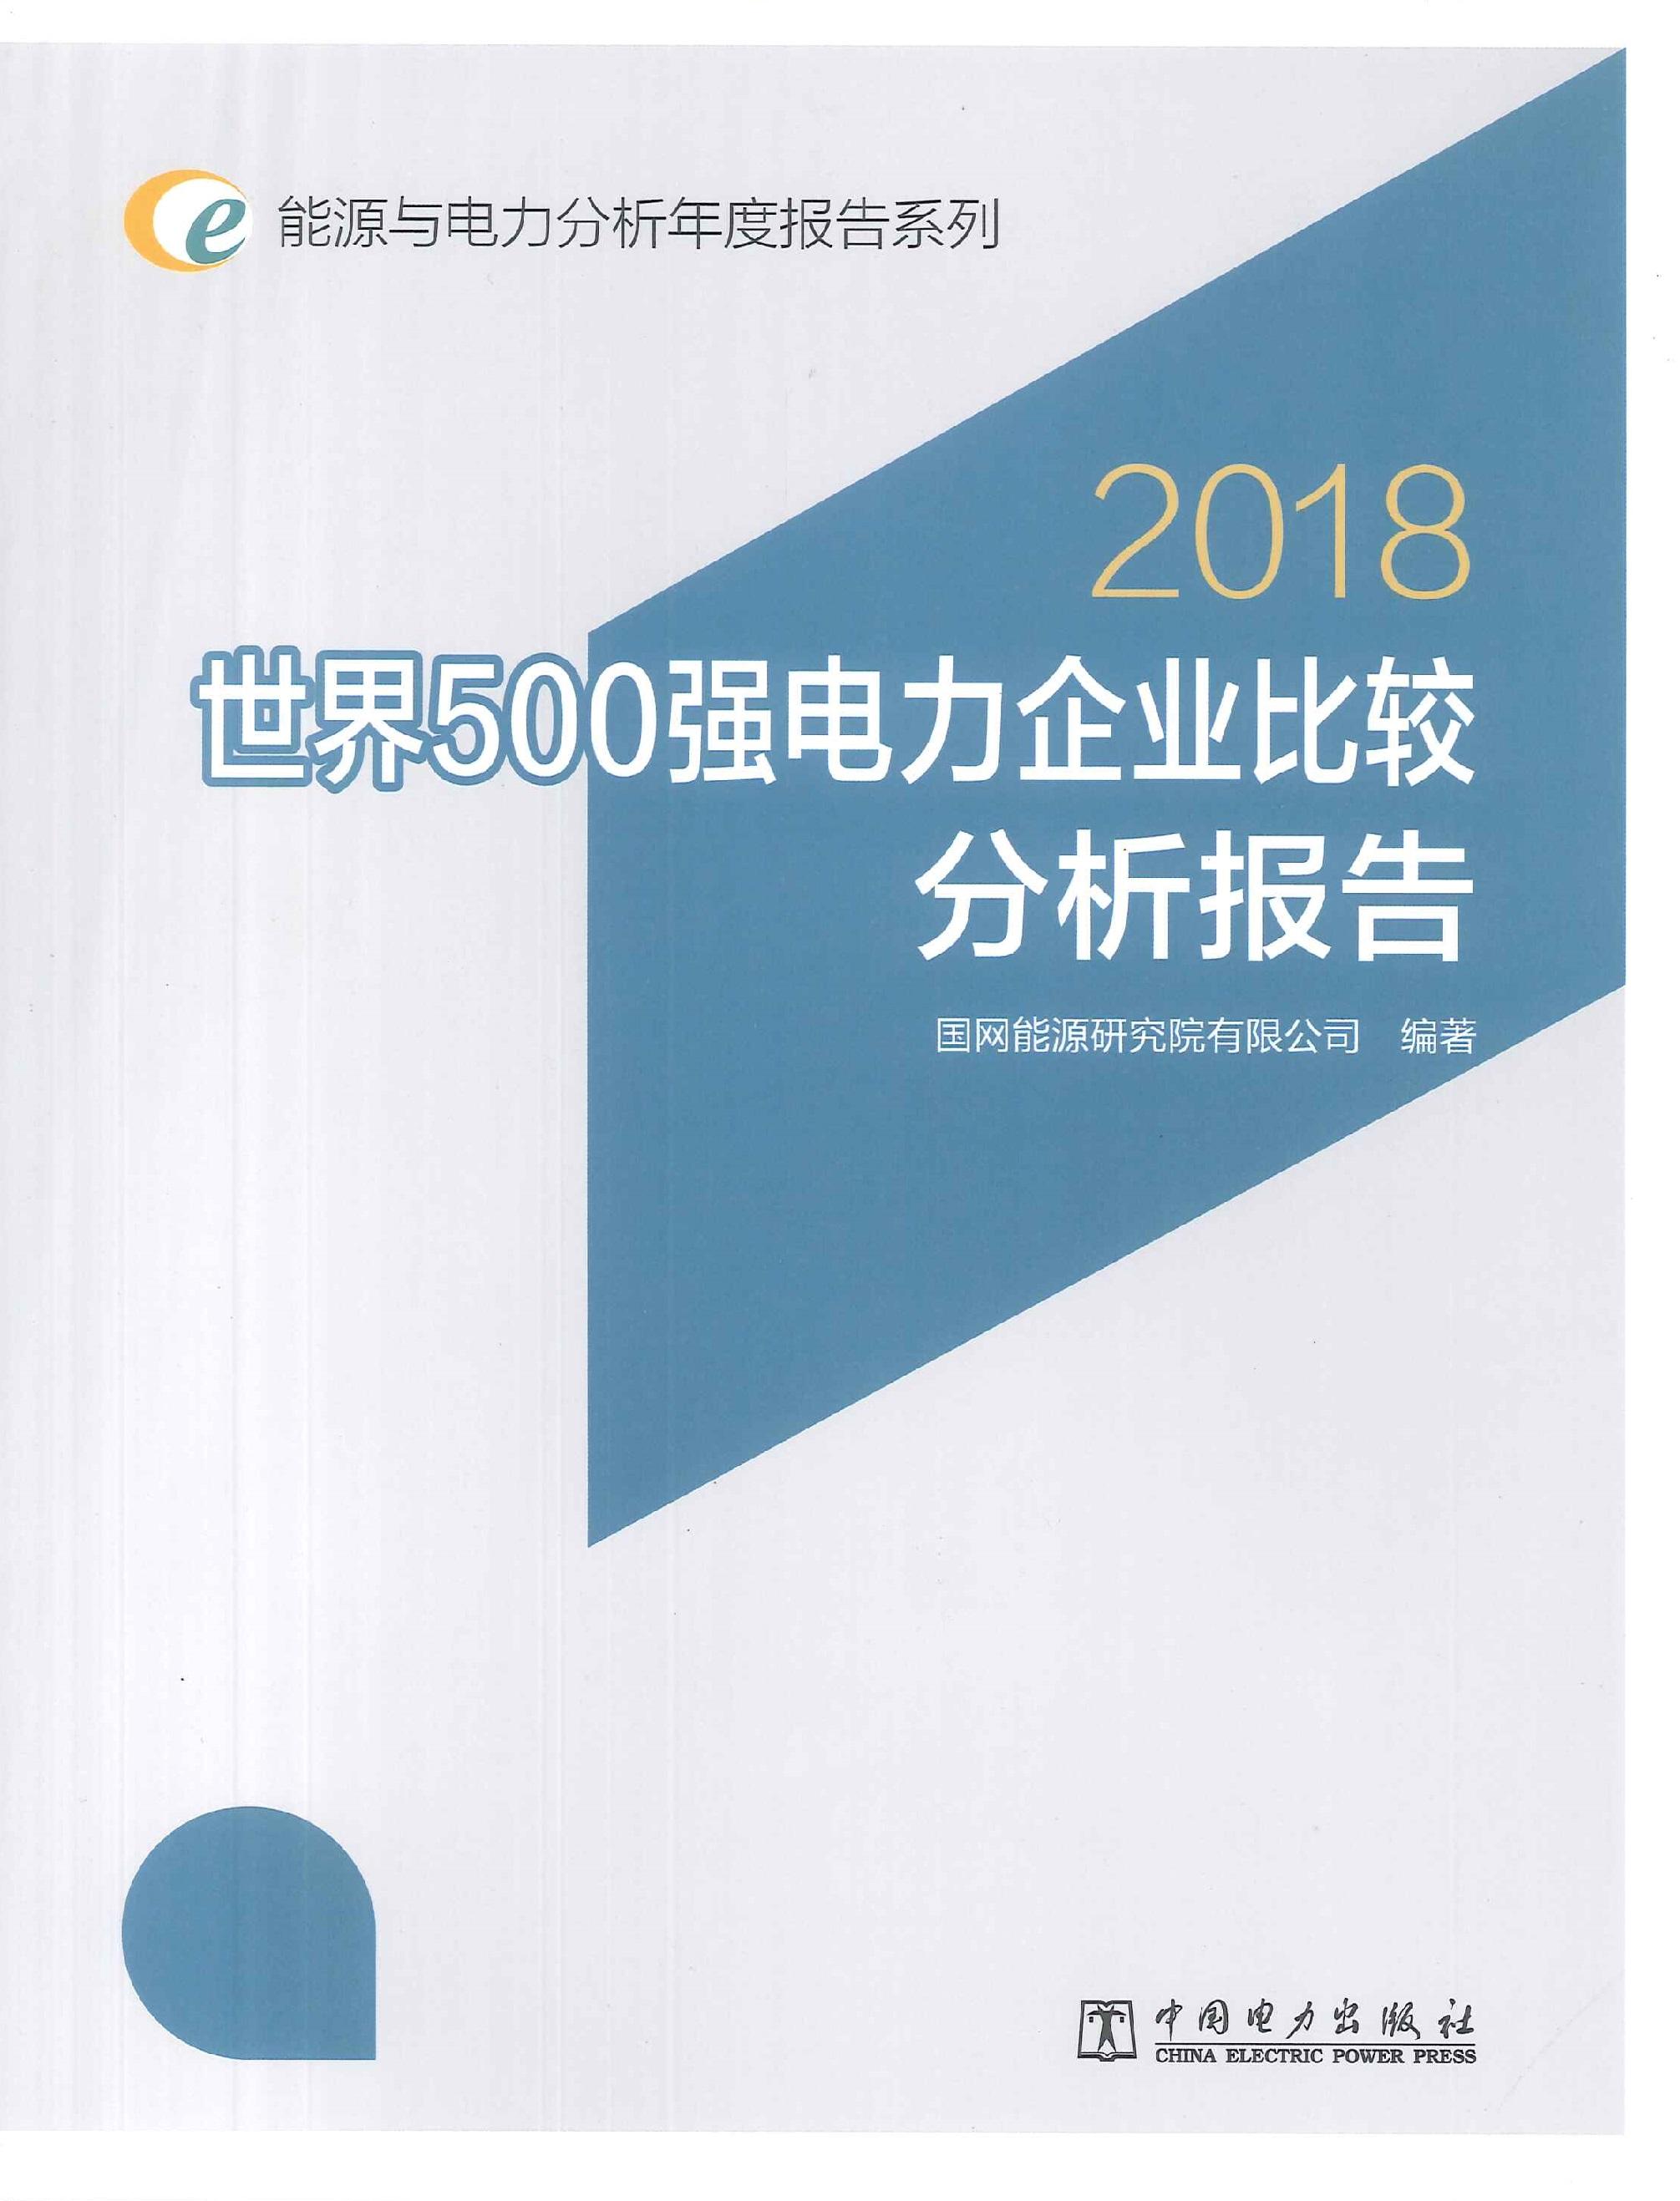 世界500强电力企业比较分析报告.2018